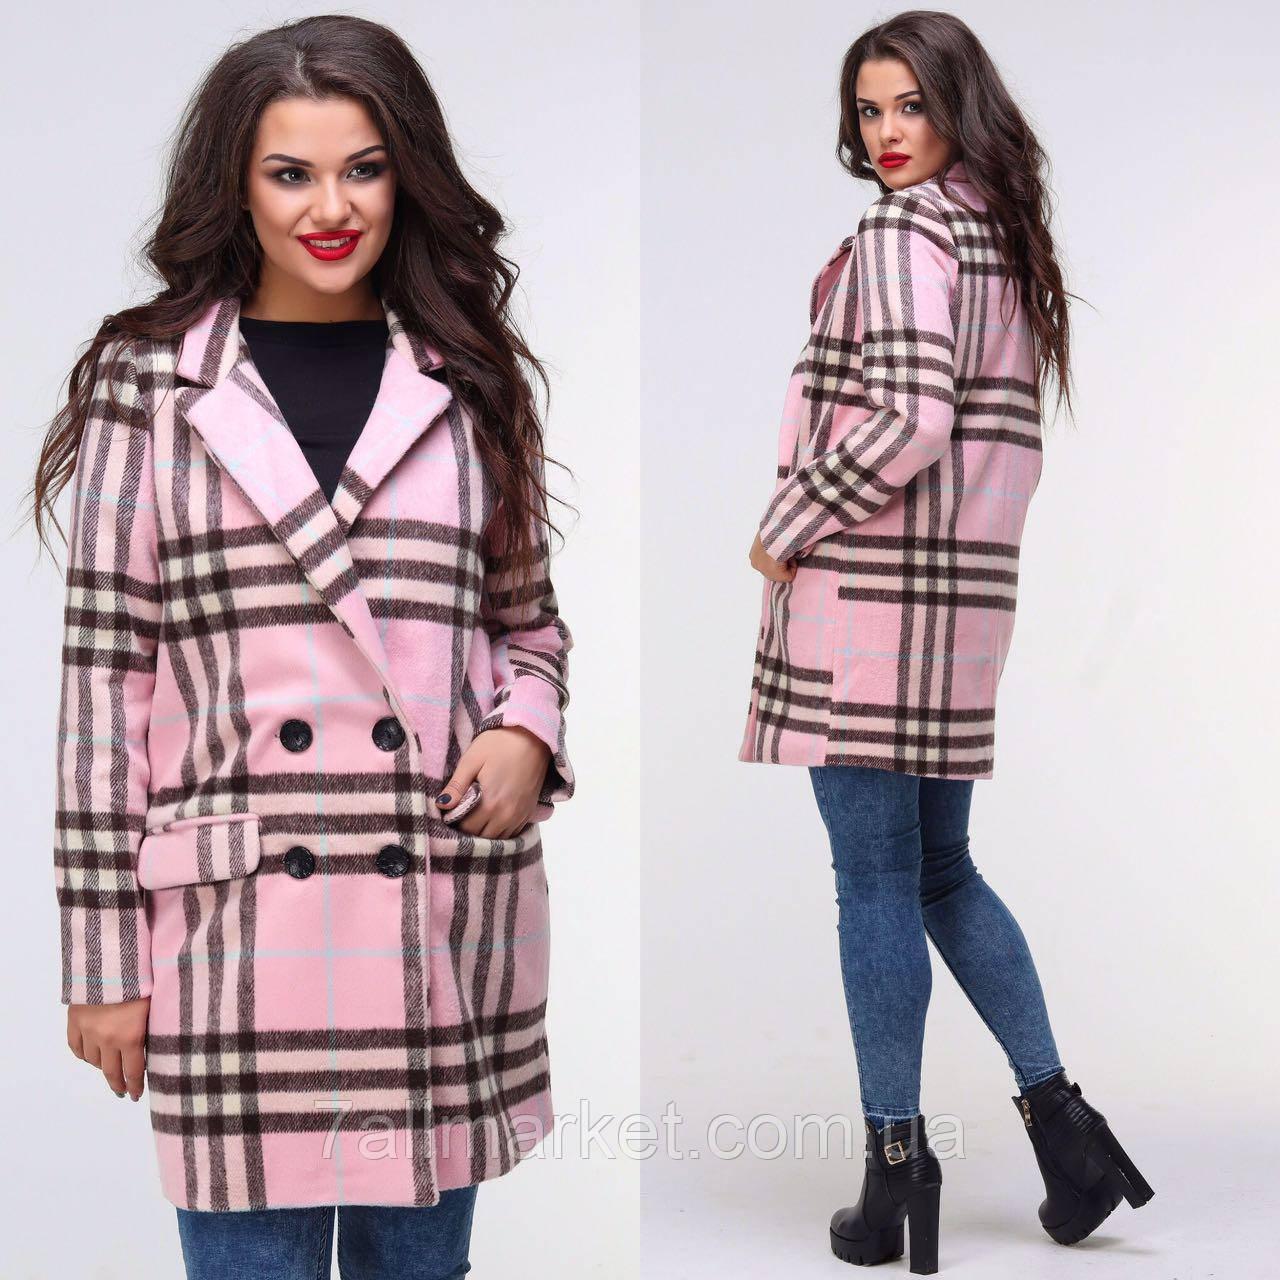 """Пальто женское кашемировое на подкладке размеры 42-48 (5цветов) """"BONJOUR"""" купить оптом в Одессе на 7км"""